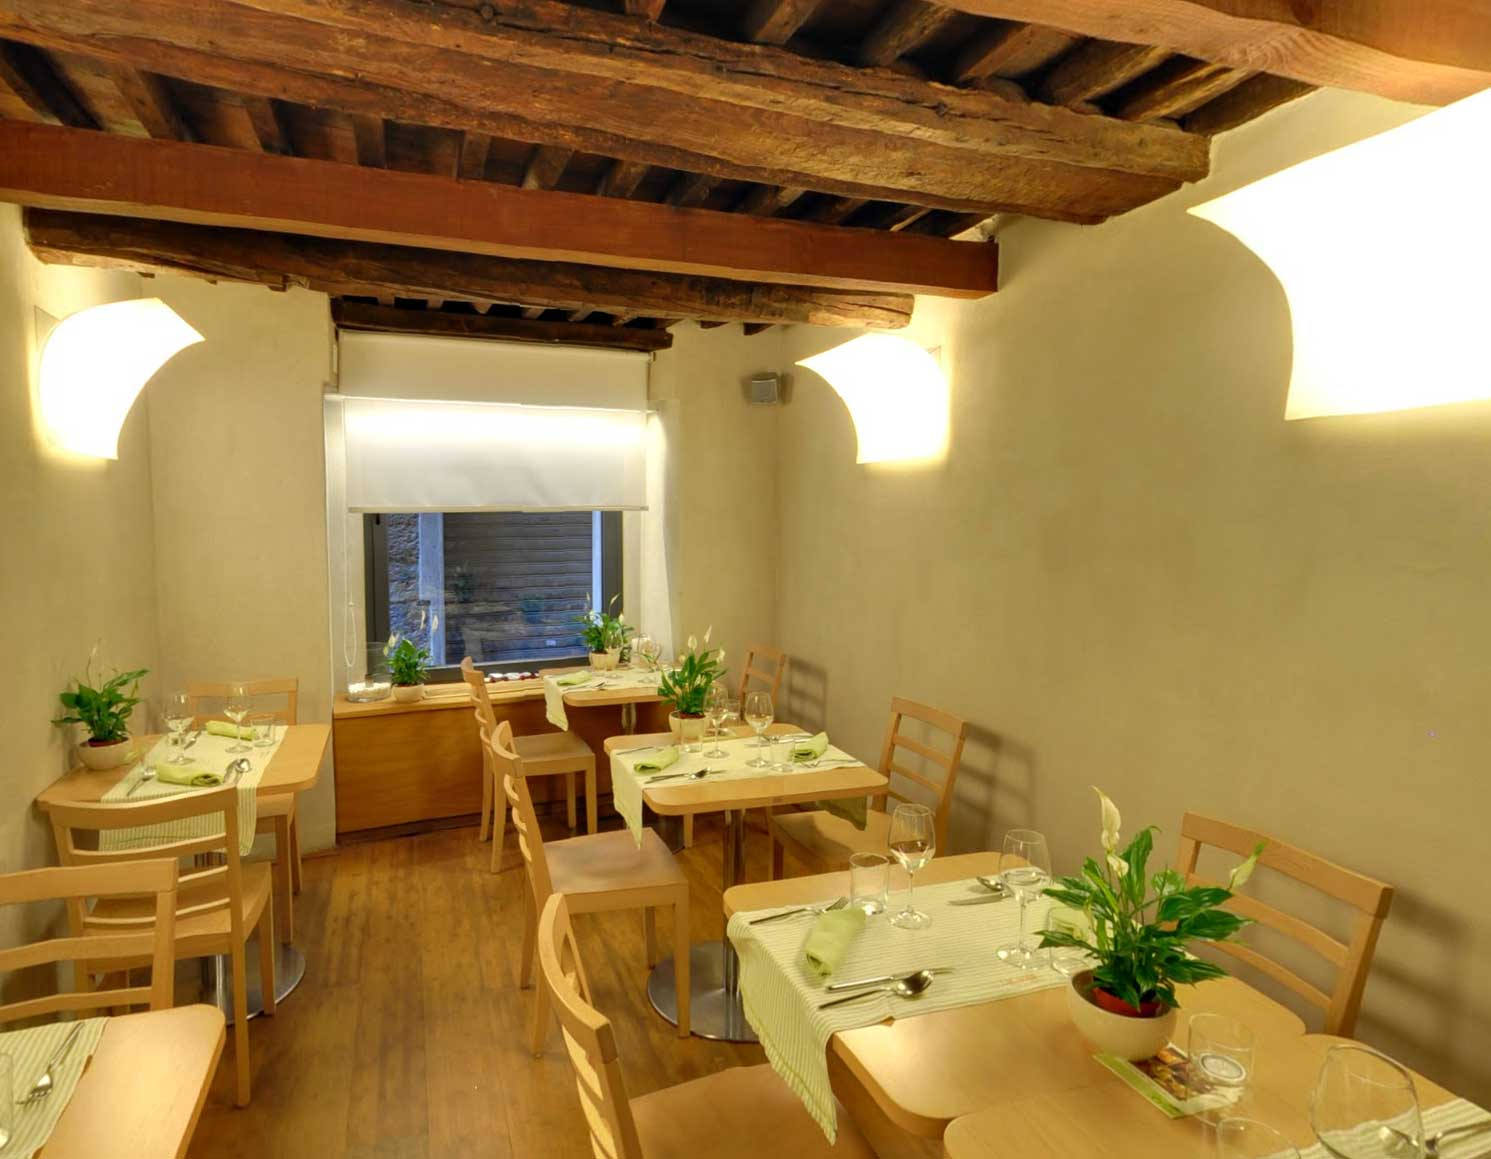 la cucina di giuditta ristorante, servizio fotografico, fotografo genova